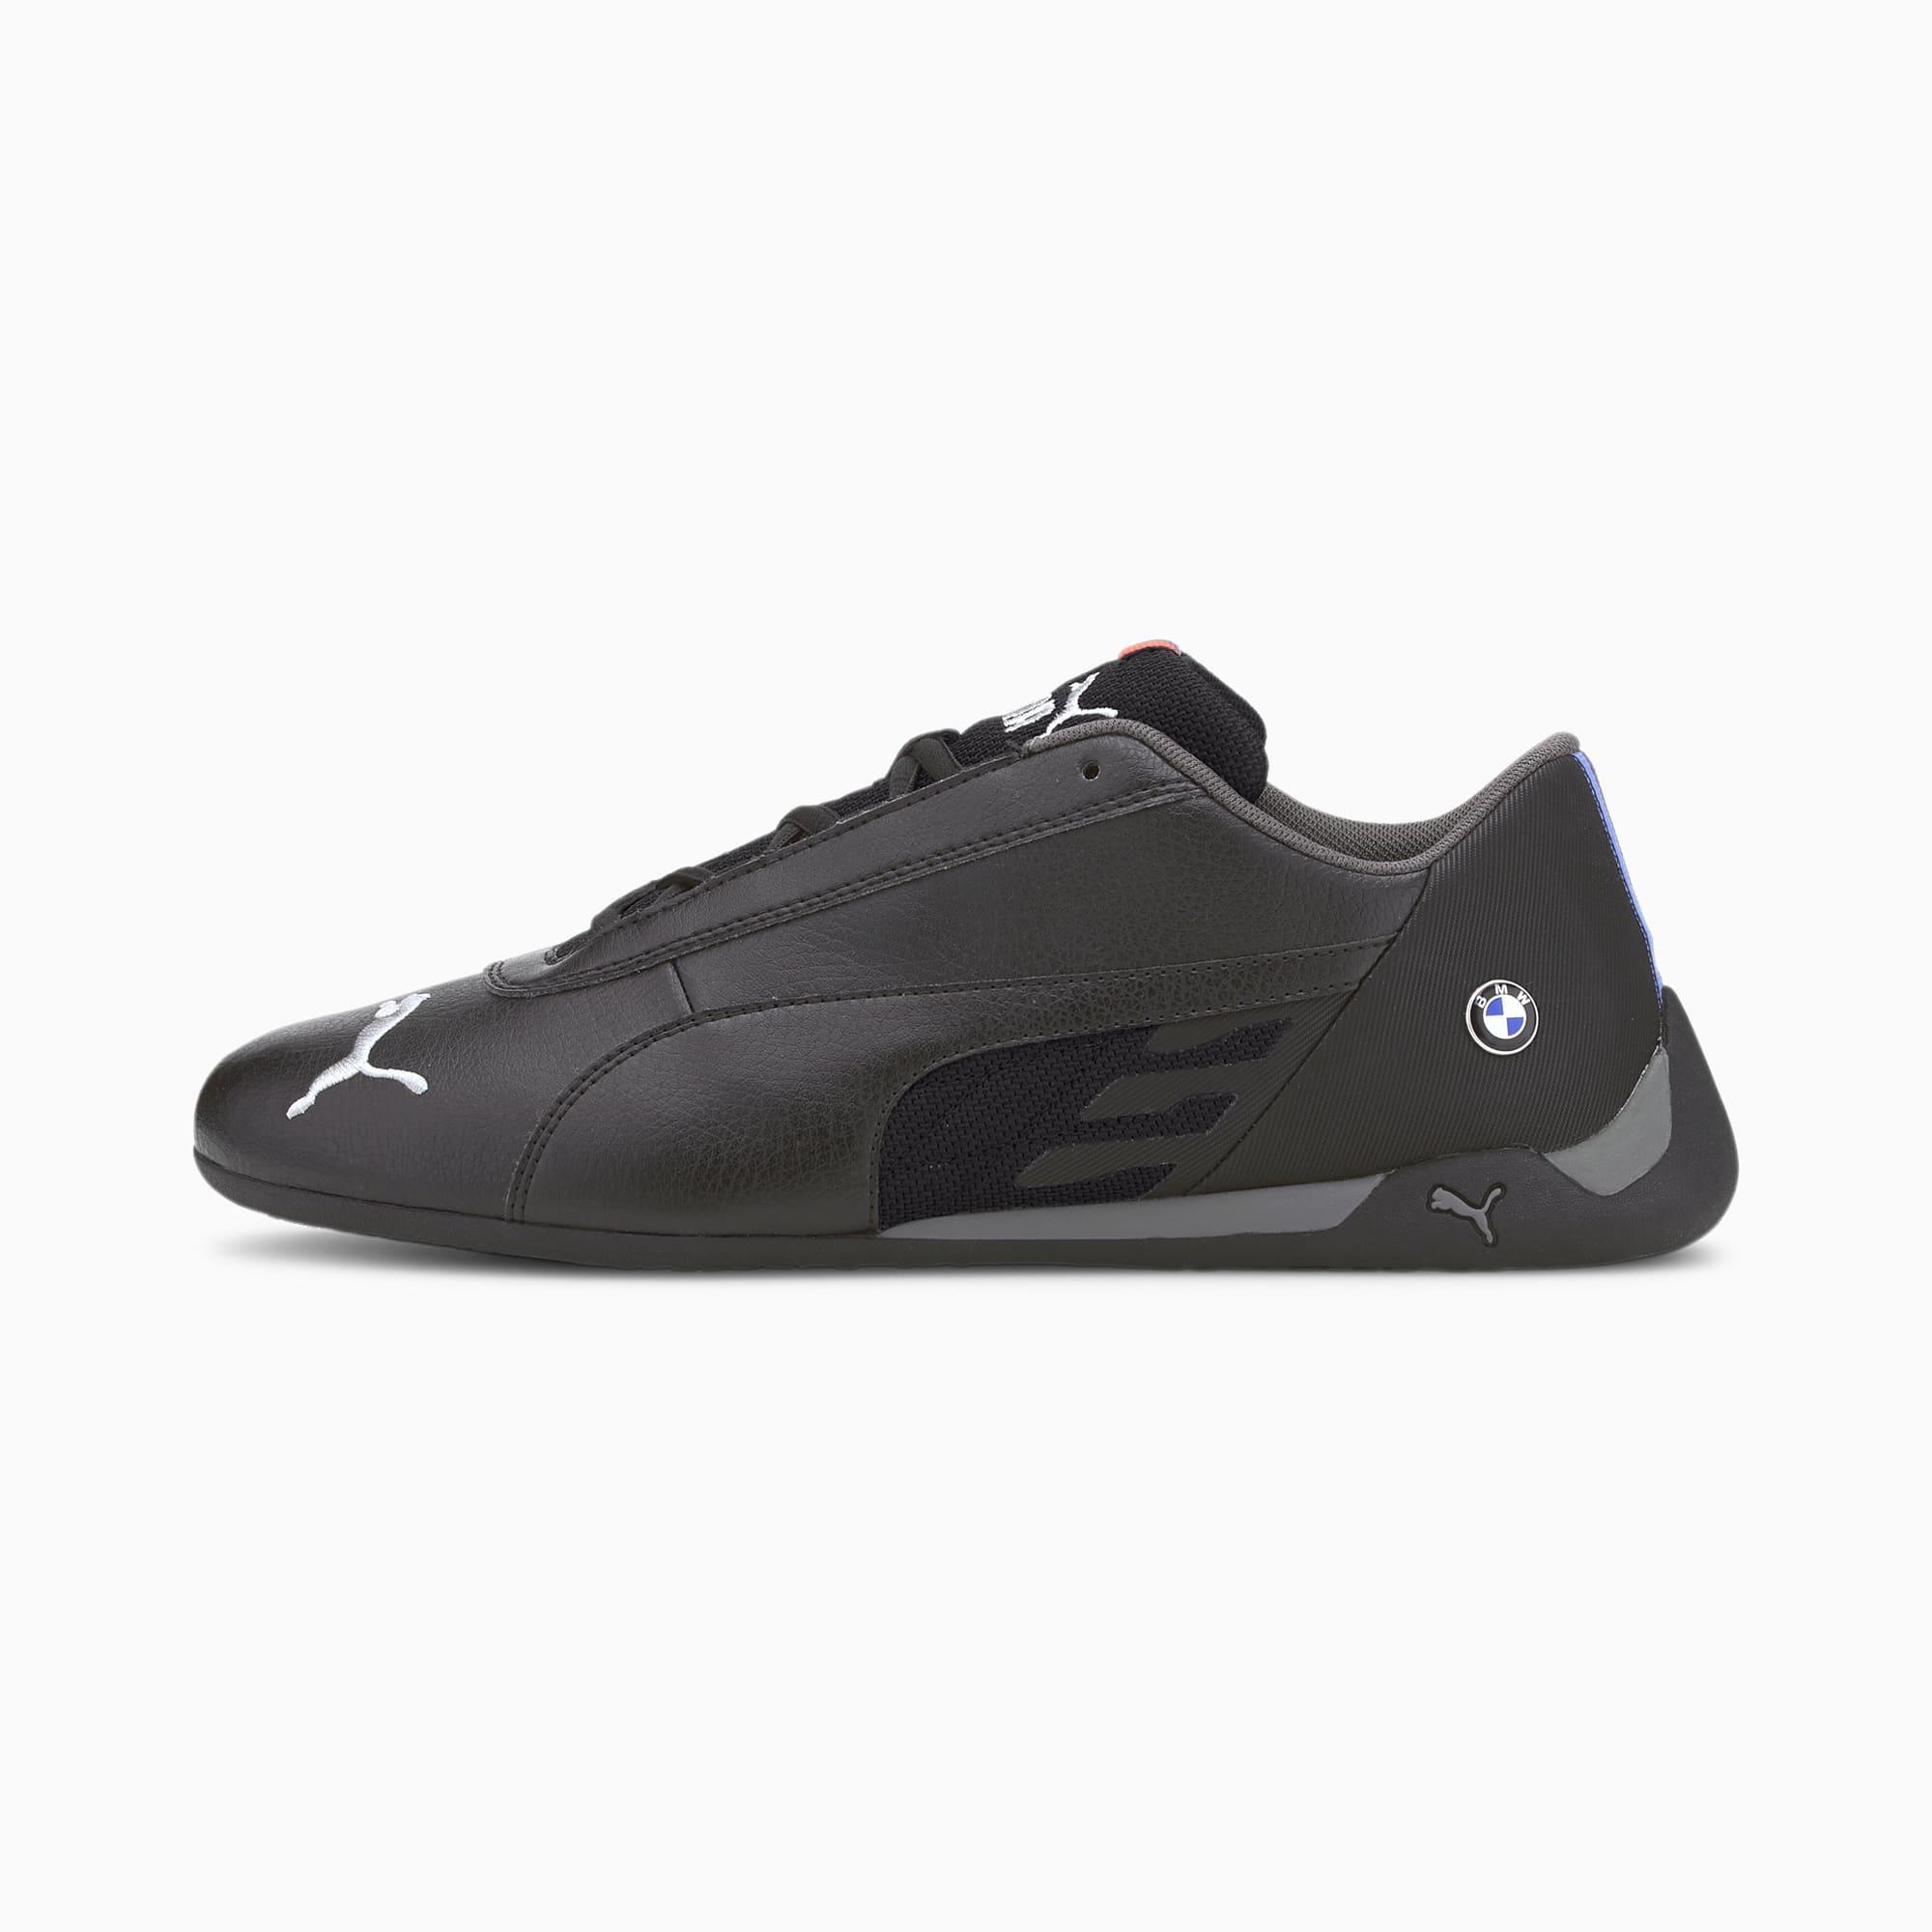 PUMA Chaussure de course BMW M Motorsport R-Cat, Noir, Taille 42.5, Vêtements